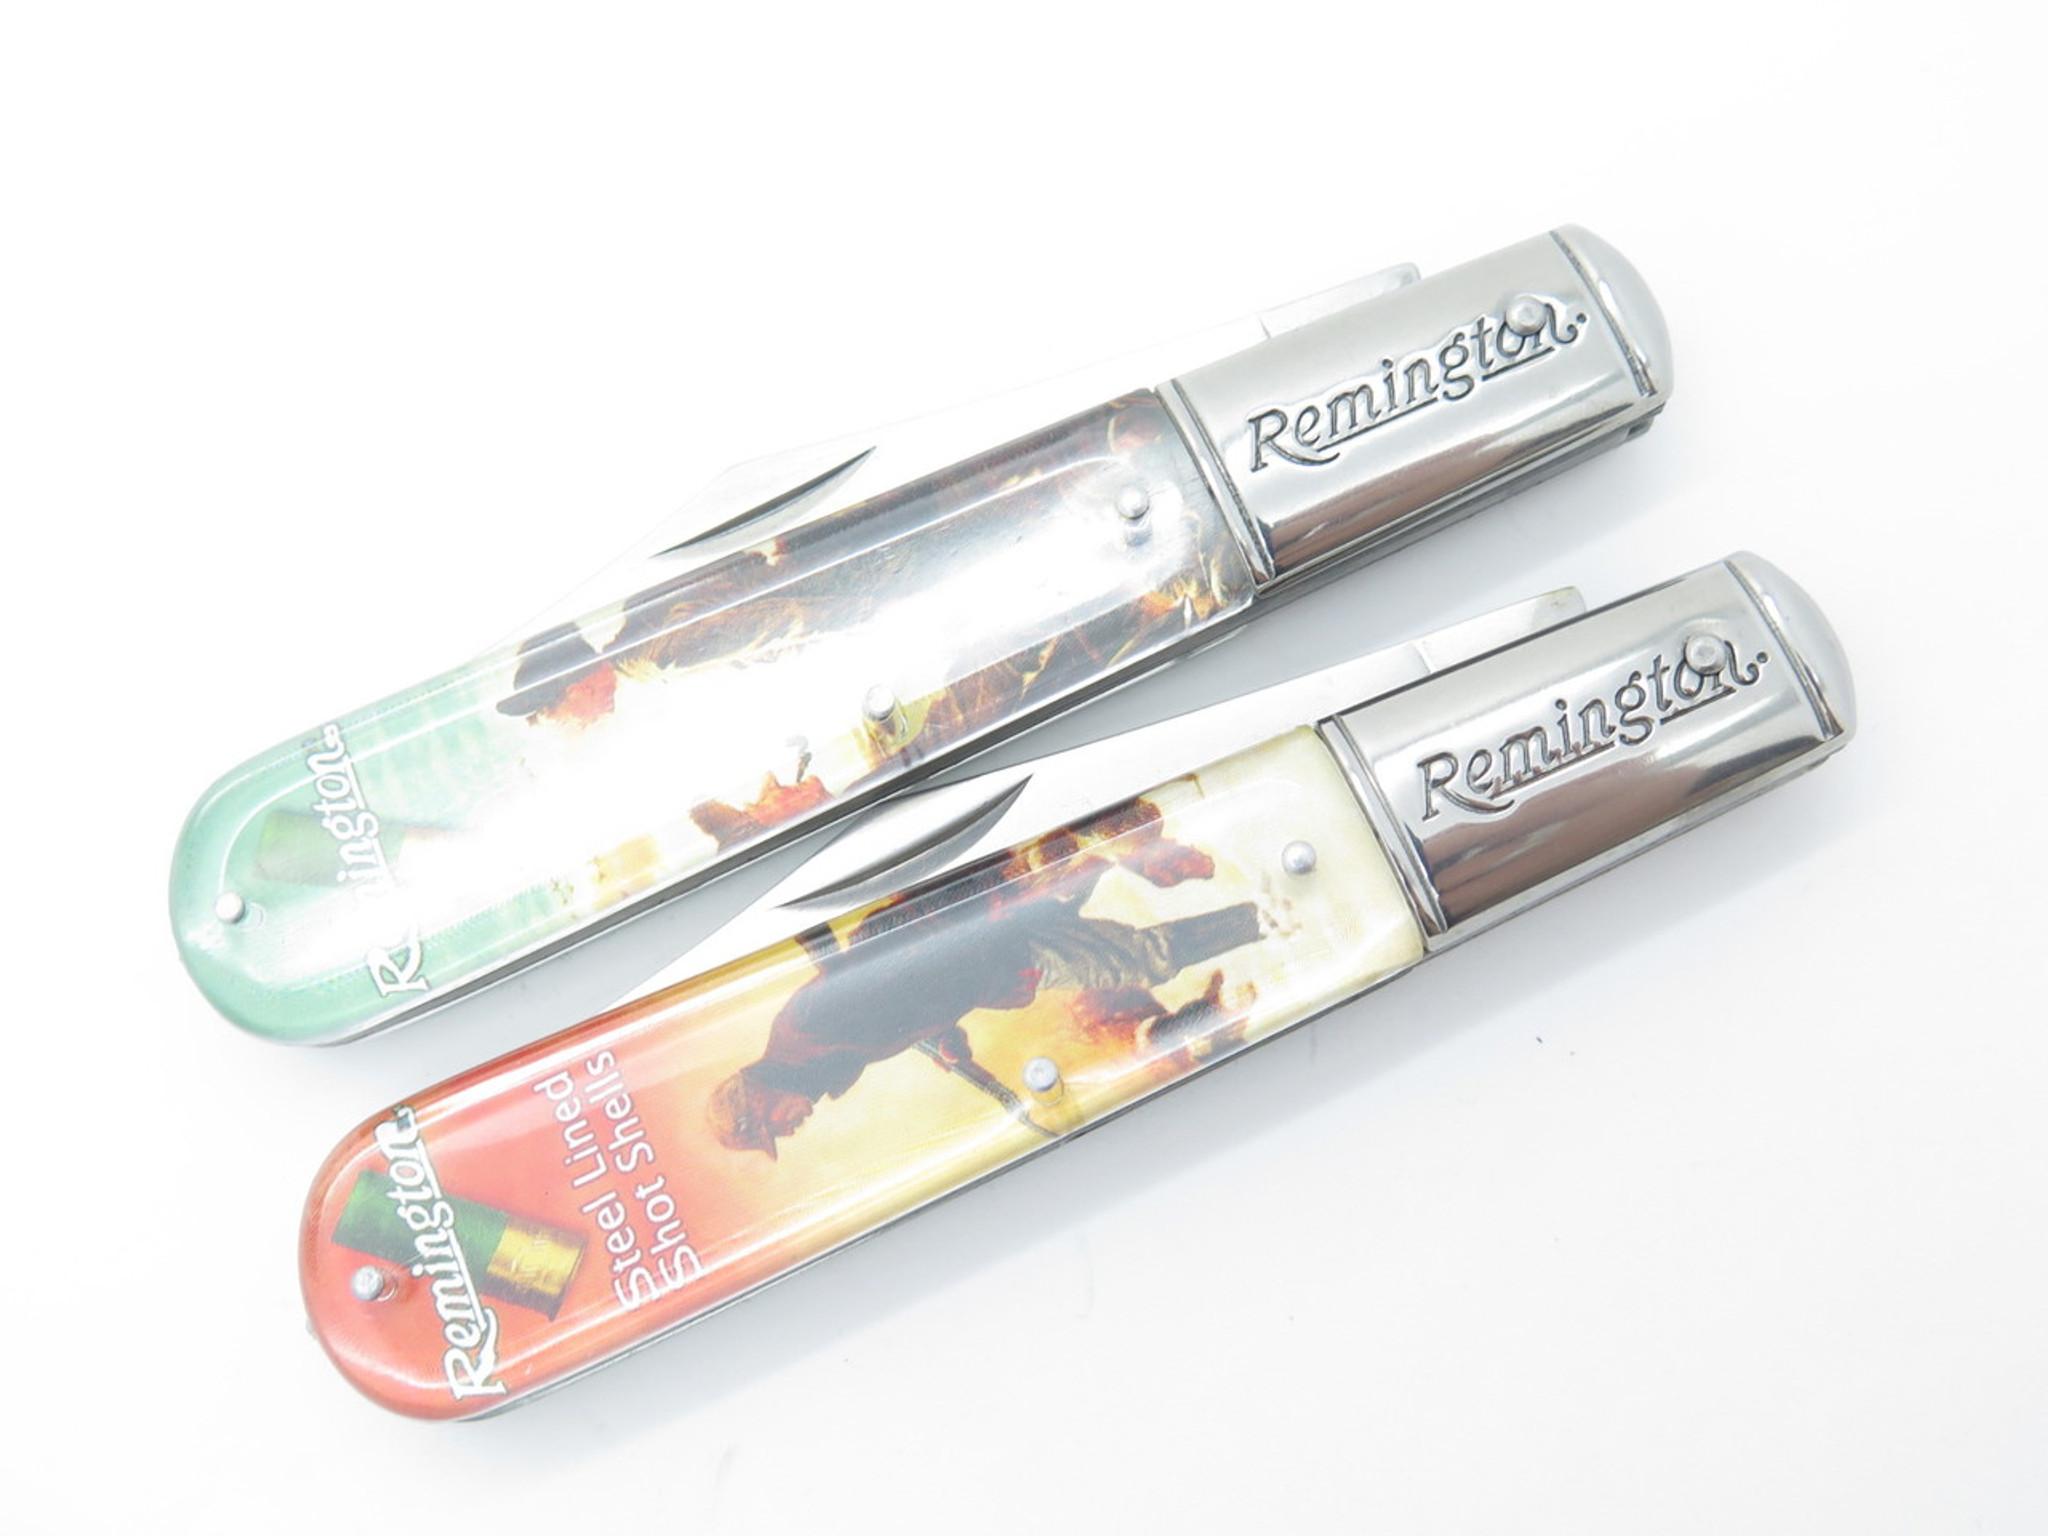 REMINGTON VINTAGE SERIES SET LOT OF 12 FOLDING BARLOW POCKET KNIFE in CASE